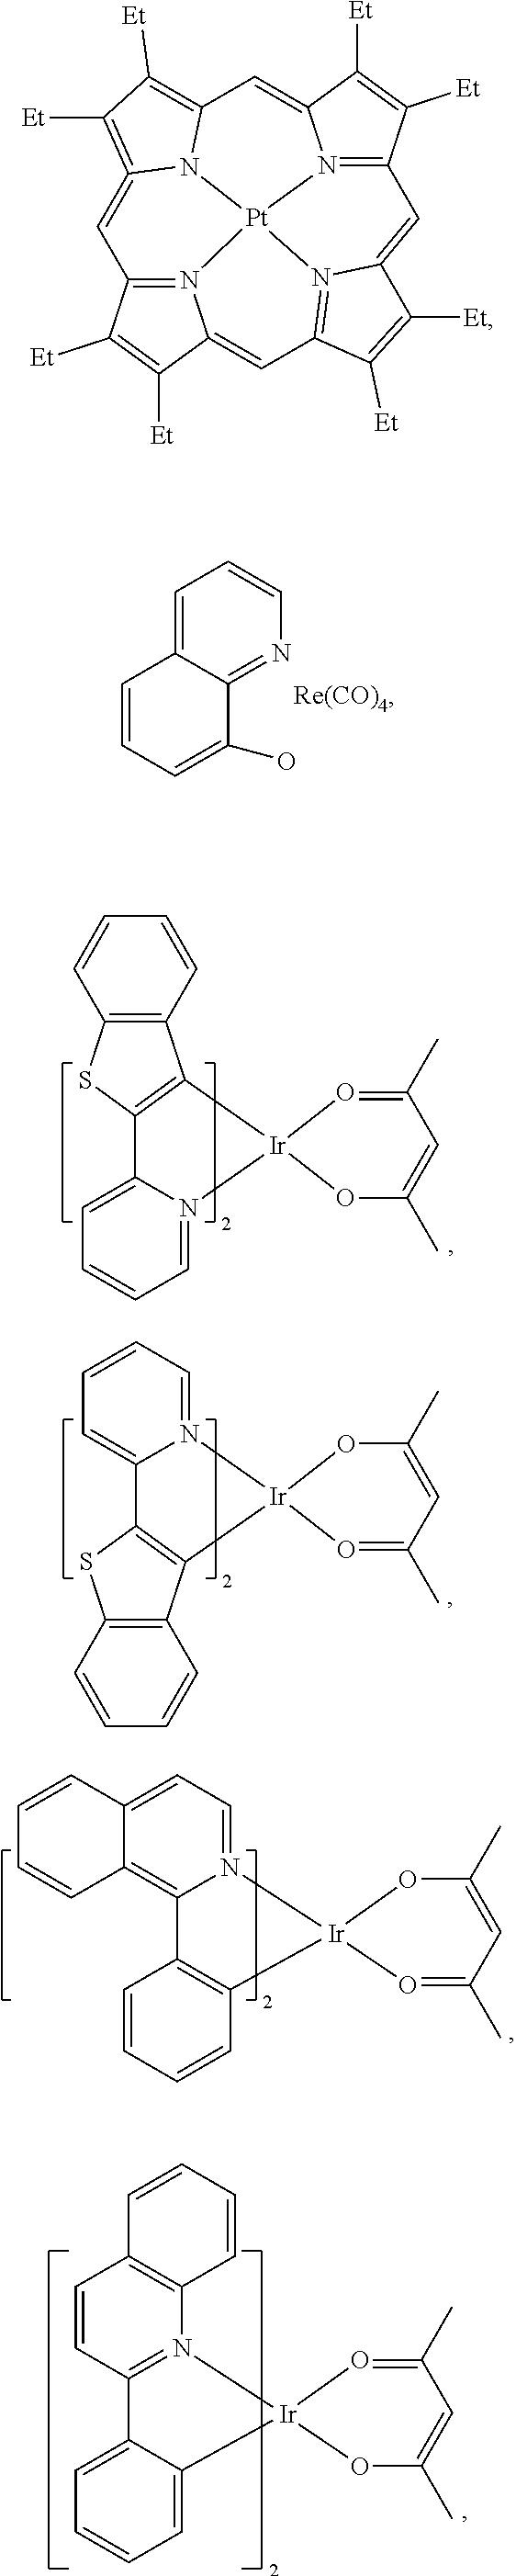 Figure US20190161504A1-20190530-C00060